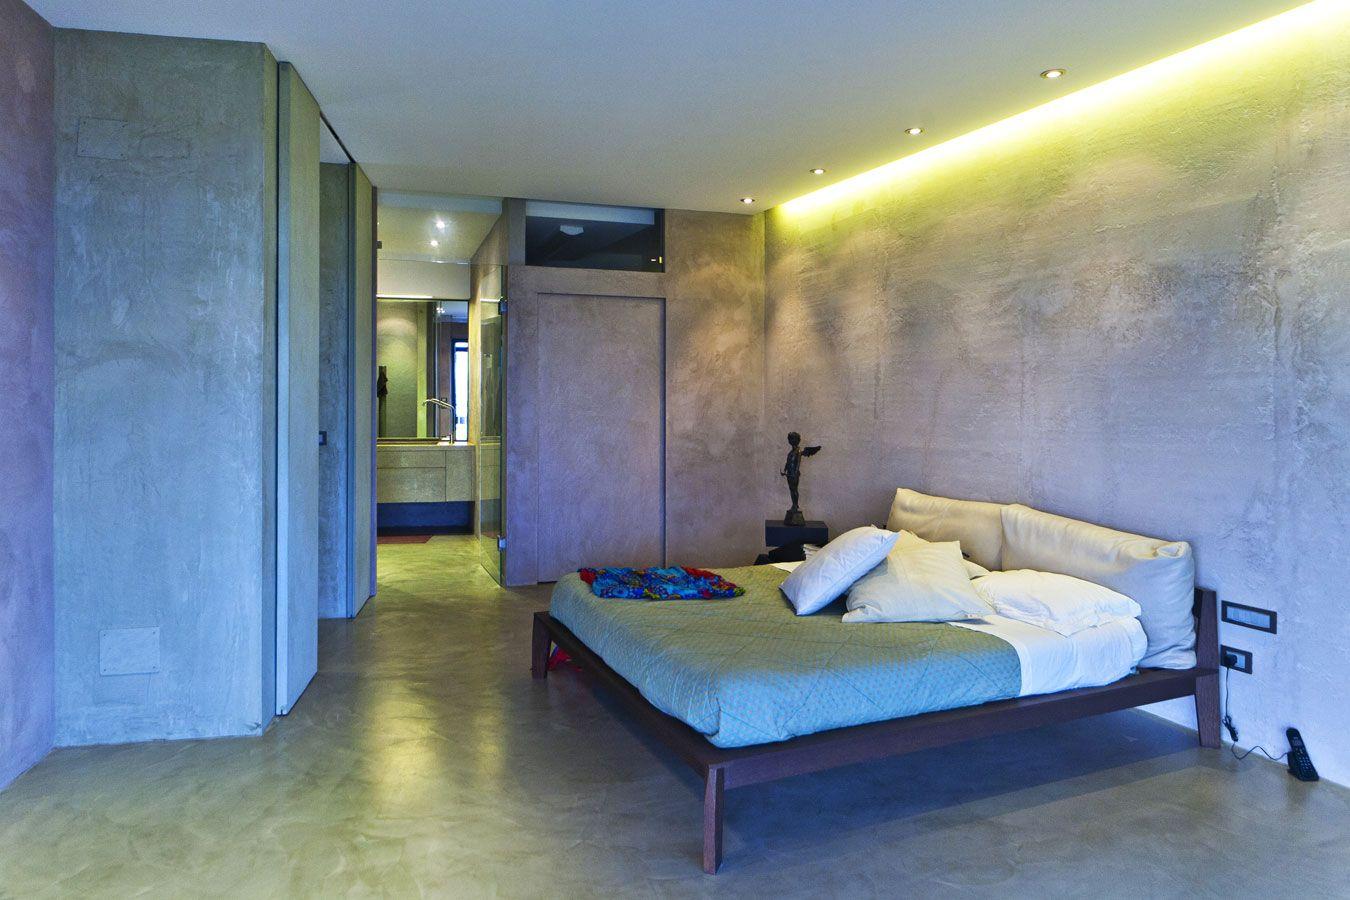 #doriarchitetti #letto #bed #testata #bedroom  #luce #light #led #lucefredda #controsoffitto #resina #coloripastello